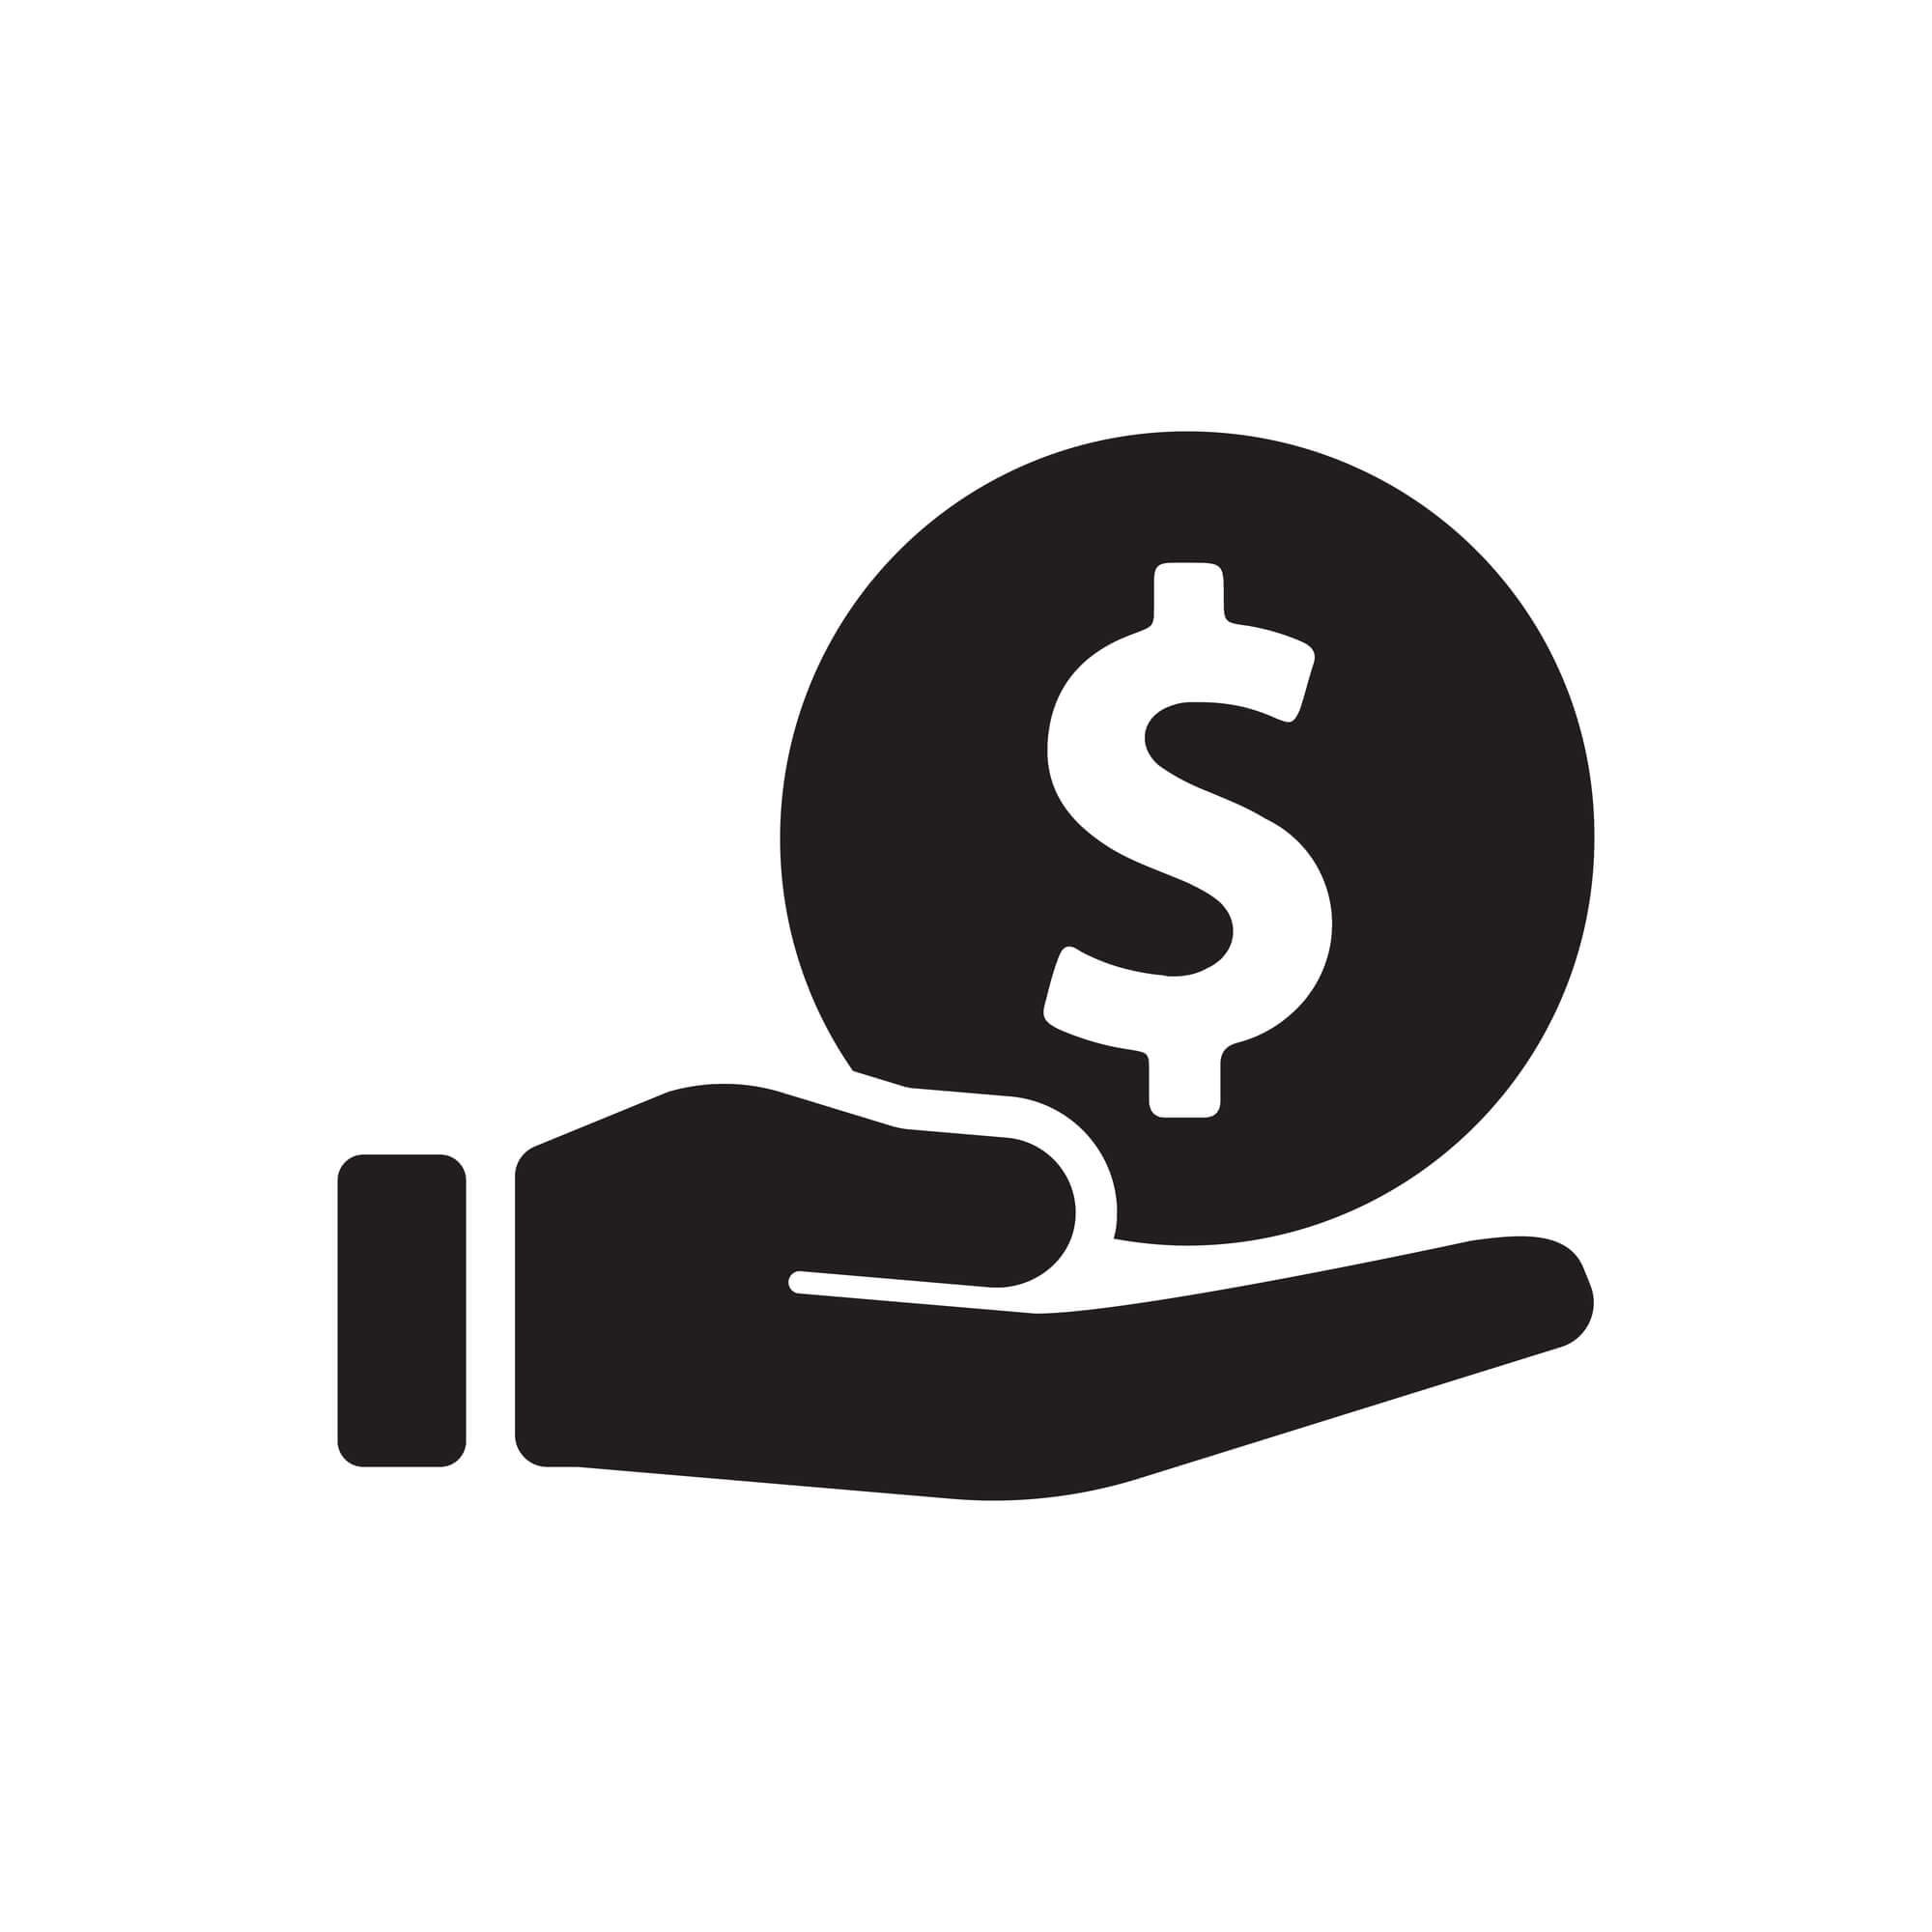 Come riscattare un bonus senza deposito?